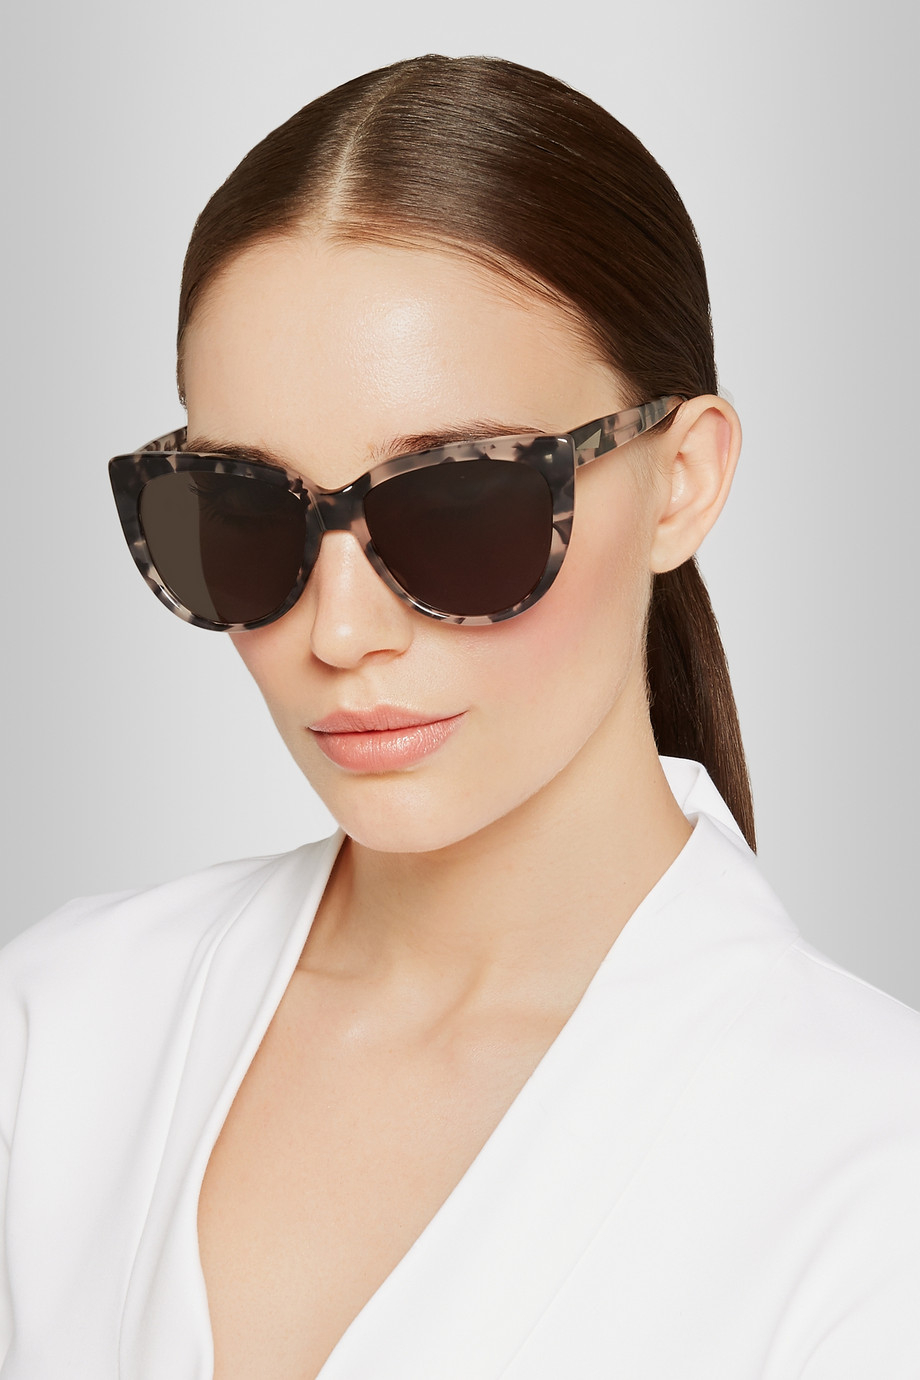 Venice sunglasses Prism Nhom4piWom